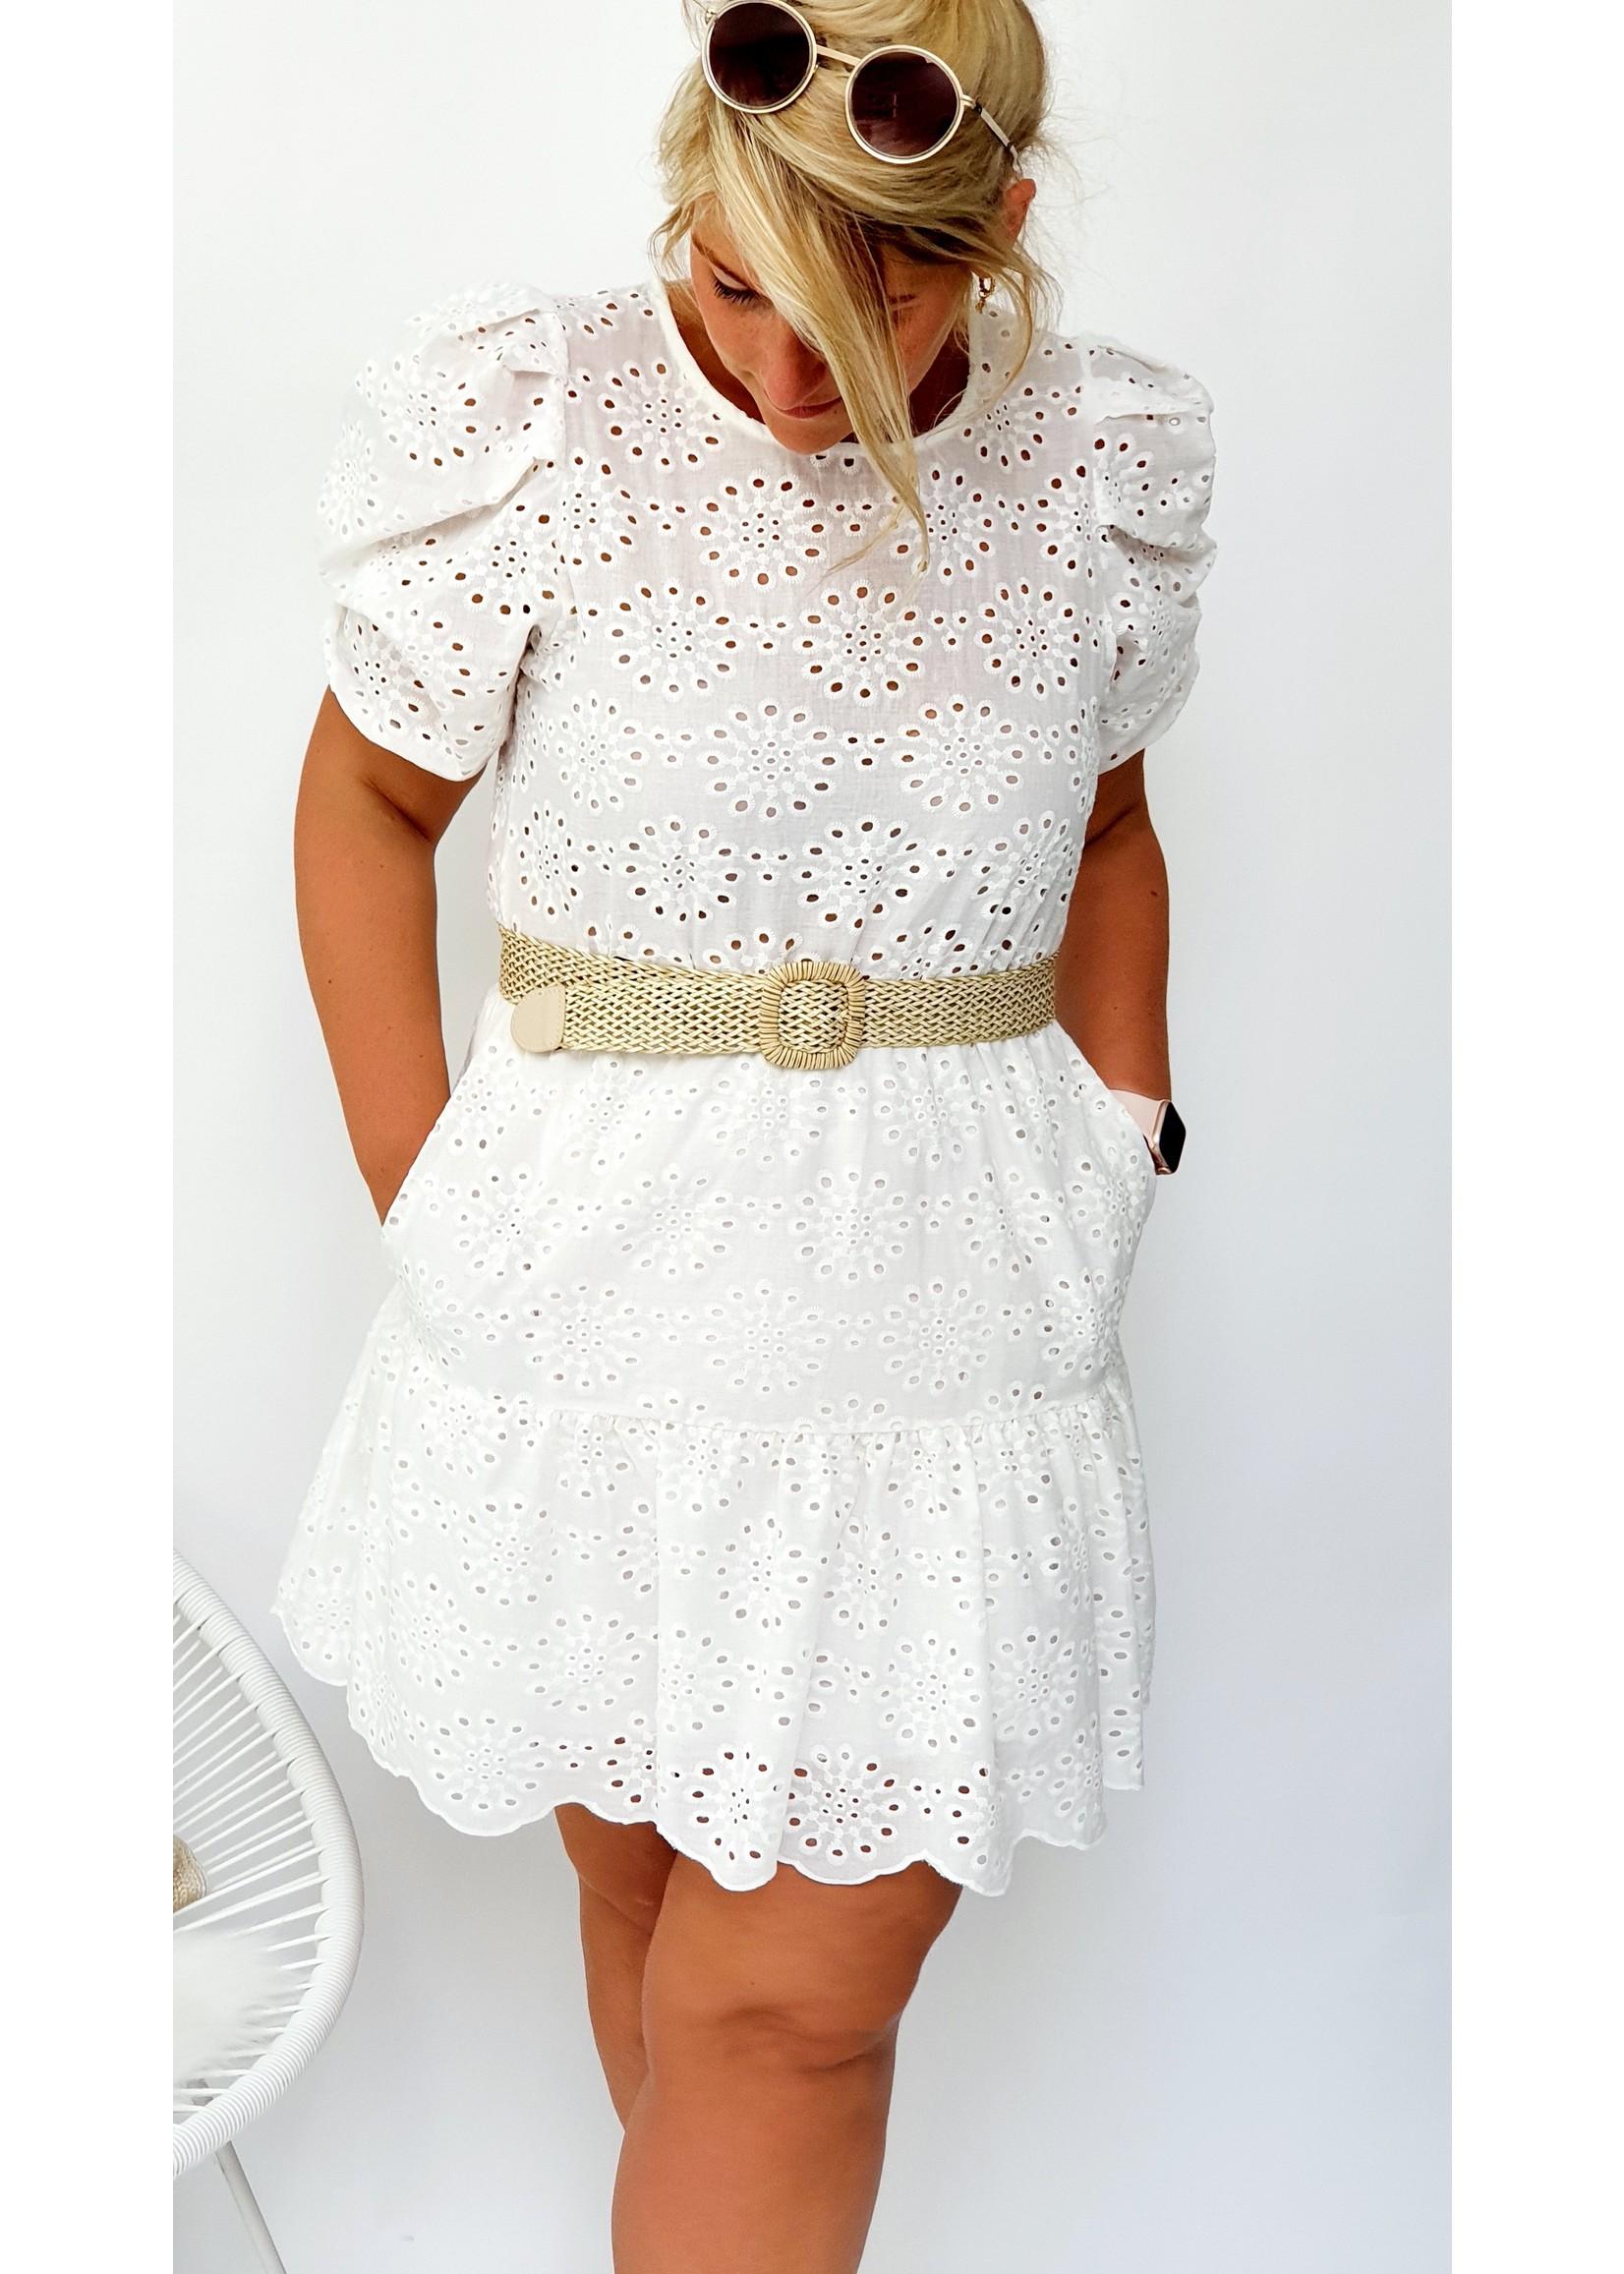 Thé white feeling dress